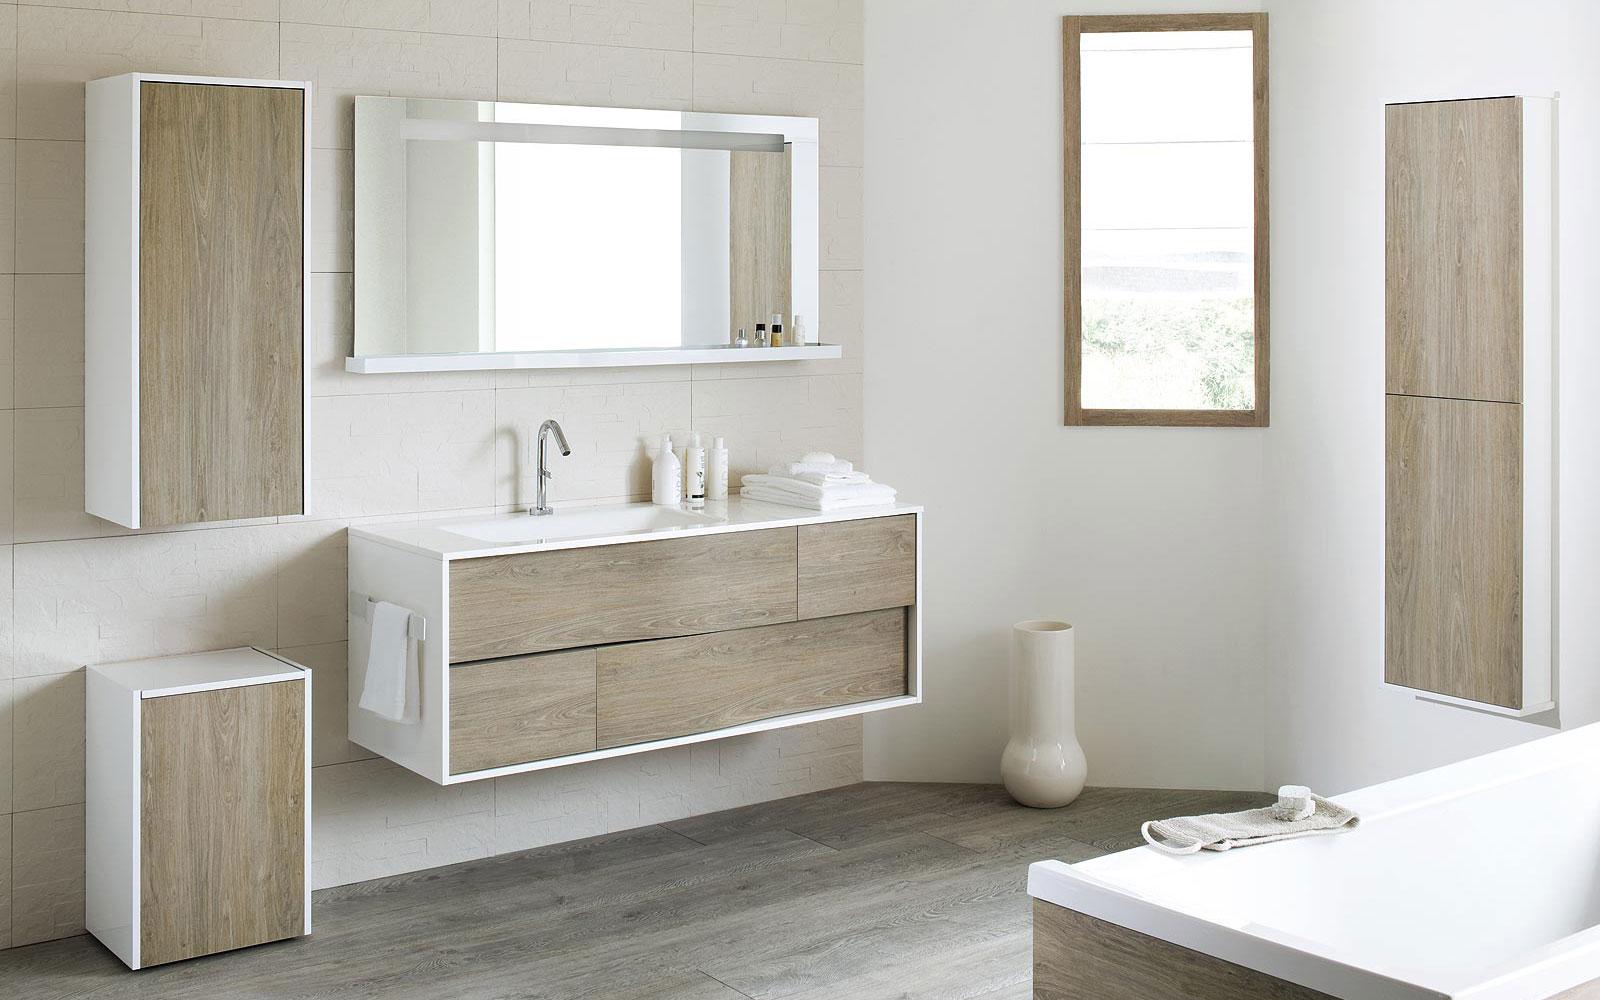 Les nouveaux volumes dans la salle de bain a5 nf c 15 100 for Approsine salle de bain